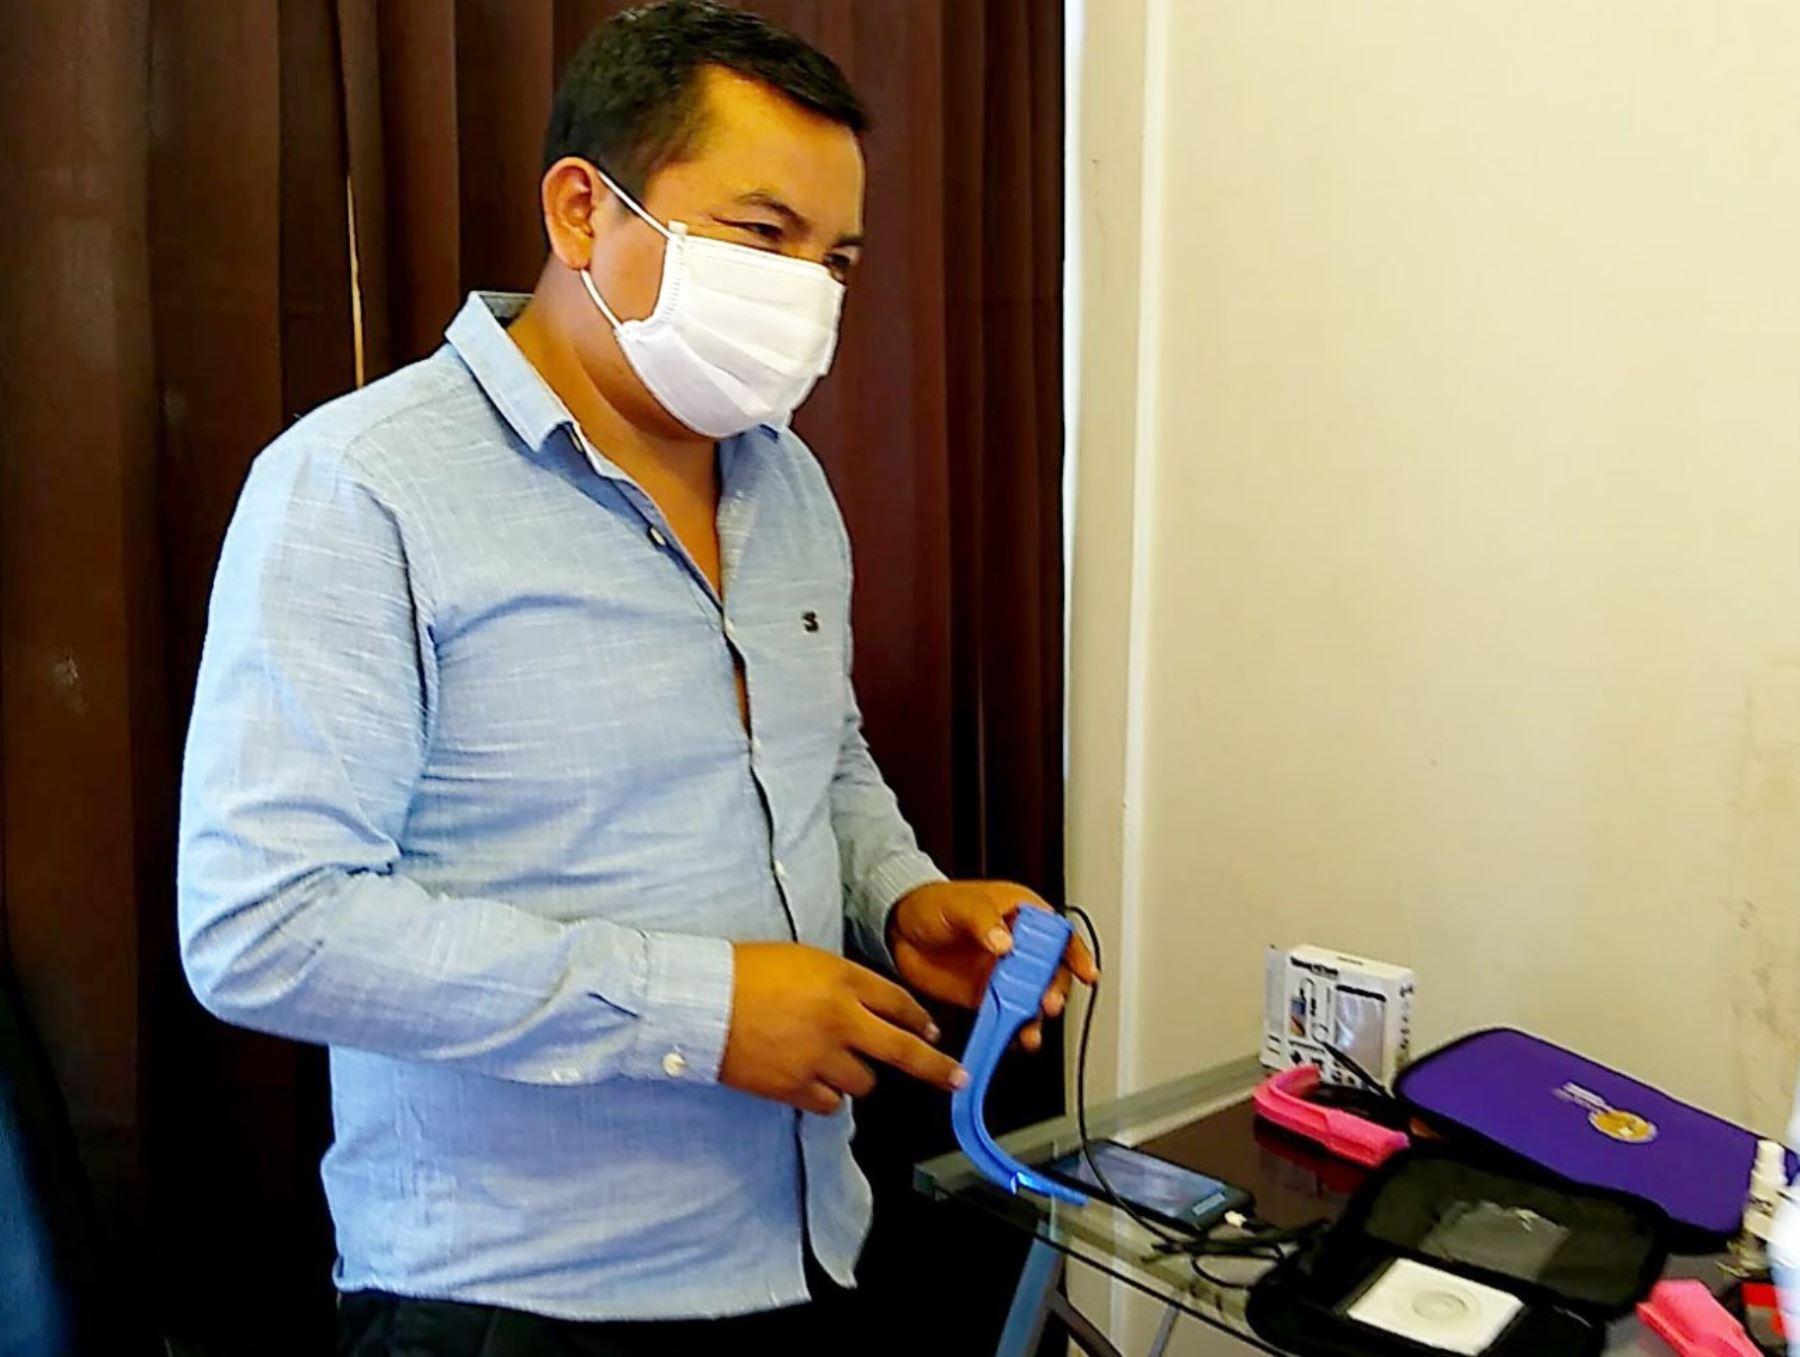 El médico anestesiólogo huancaíno, David Bernabé, creó un videolaringoscopio portátil que evita el contagio de coronavirus. Su invento fue uno de los ganadores del concurso organizado por Indecopi. Foto: Pedro Tinoco